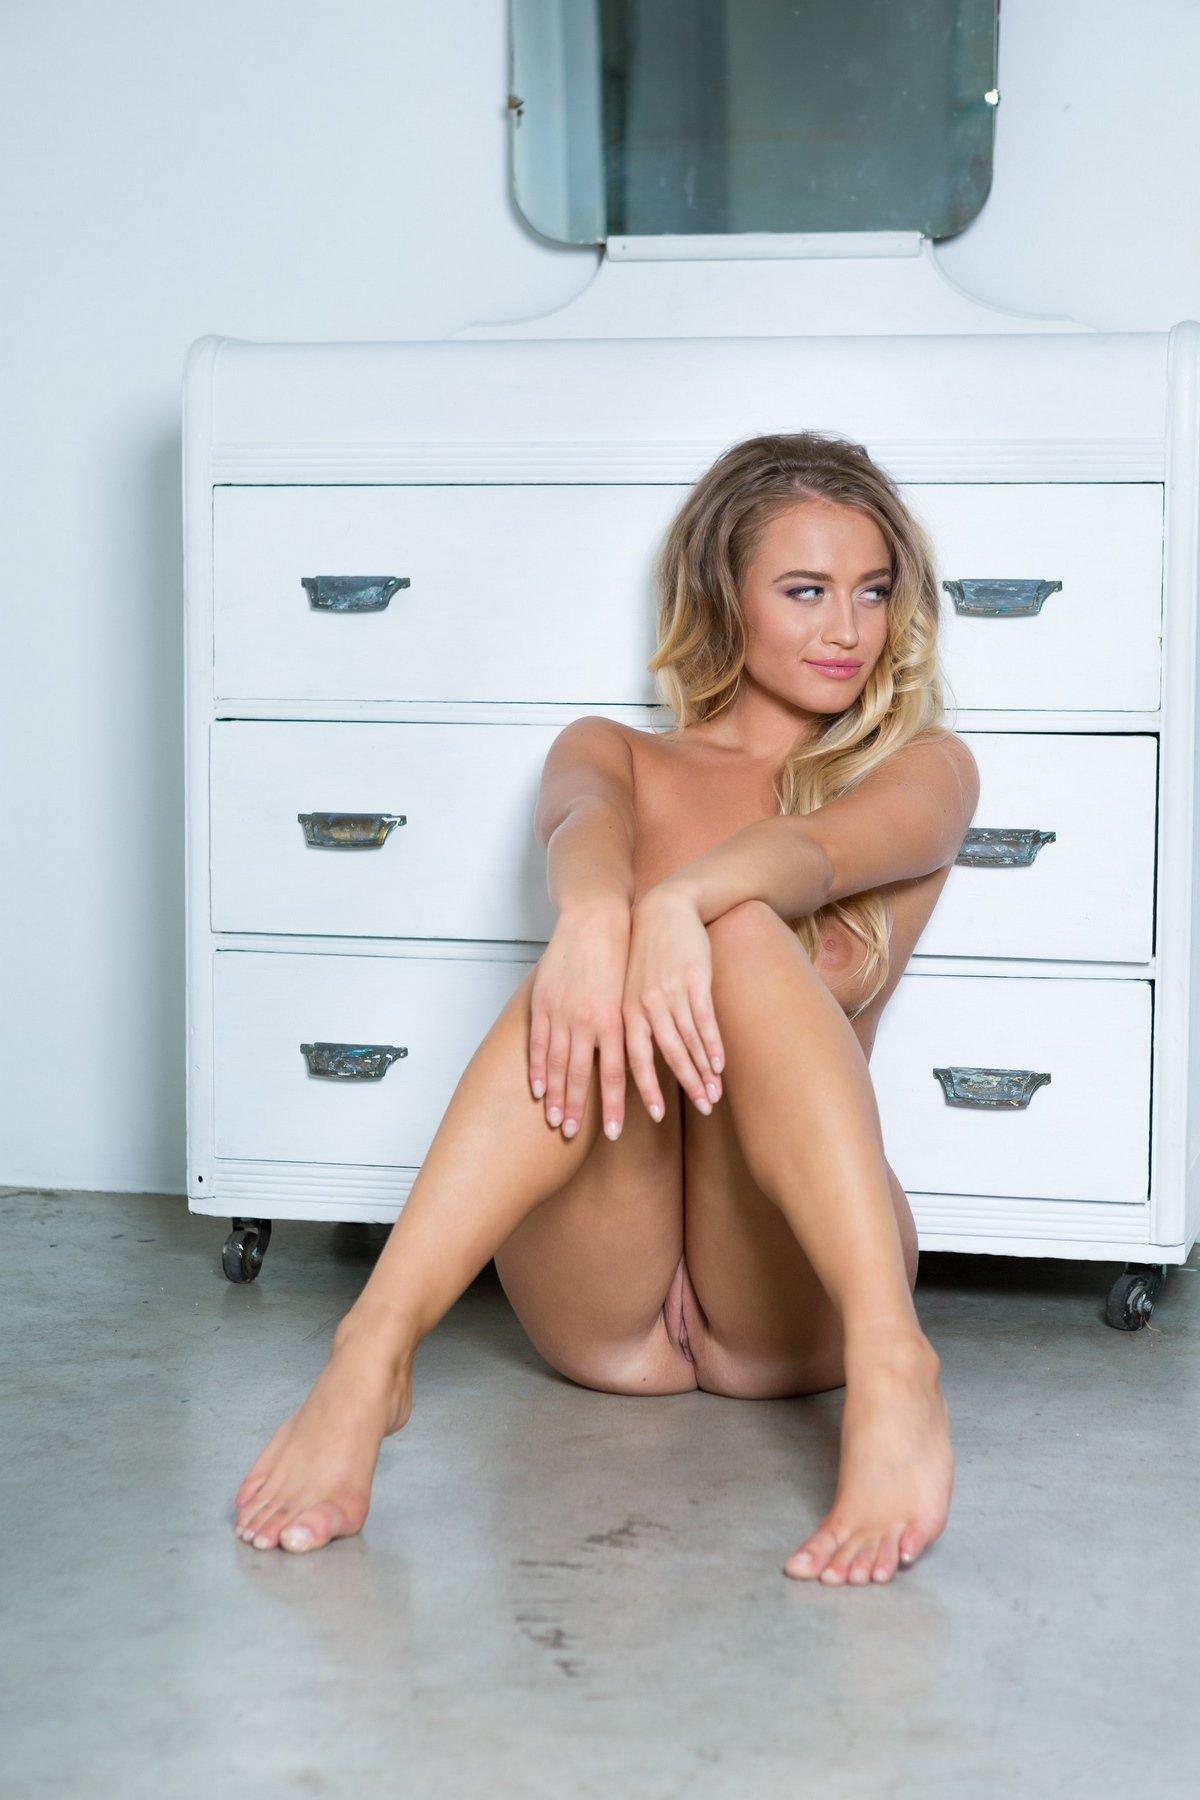 Сексуальная блондинка сняла трусики перед зеркалом